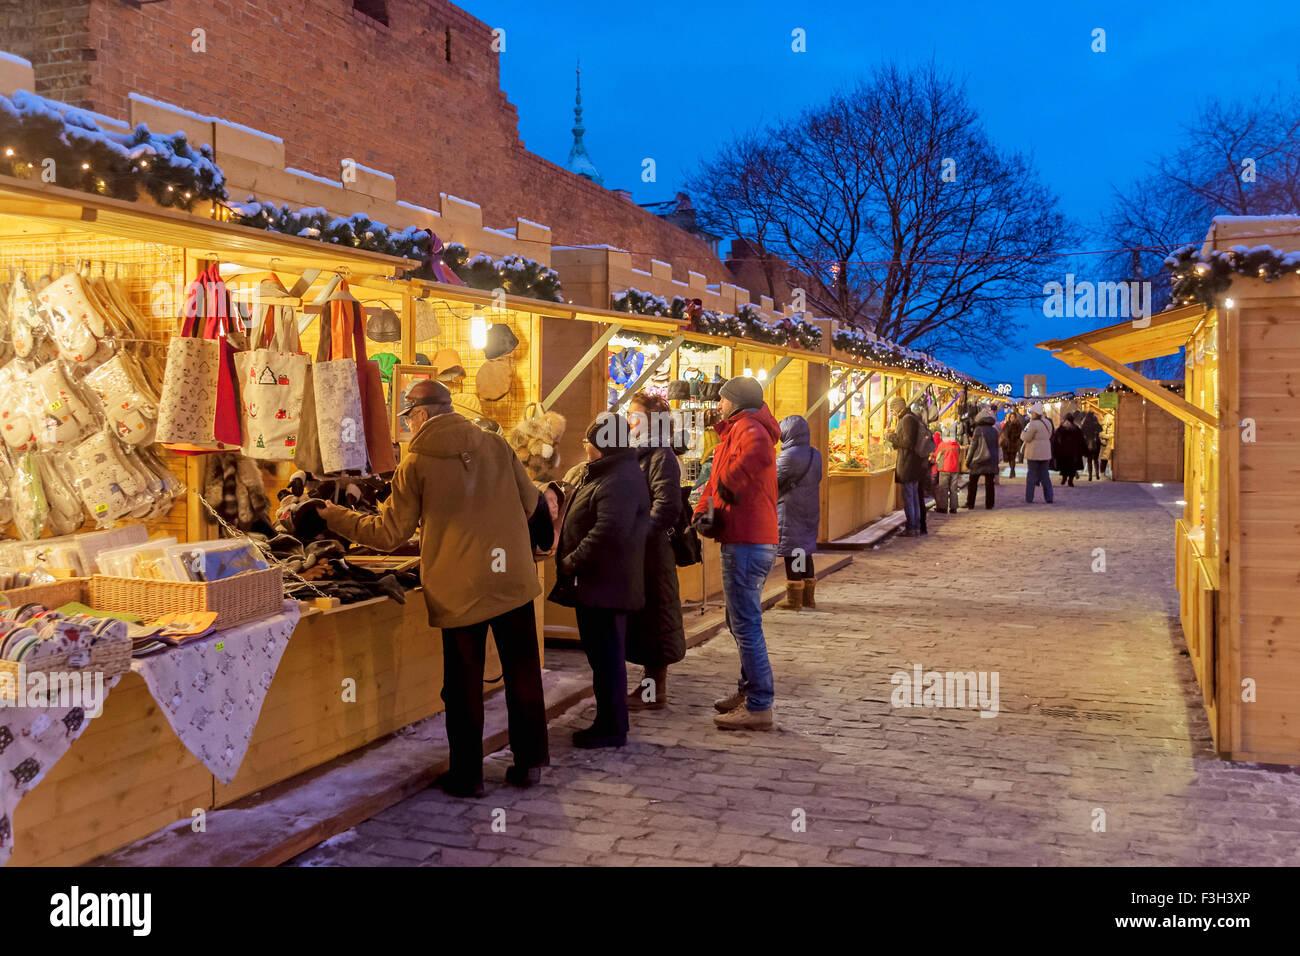 Feria de Navidad en el Barbican en el casco antiguo de Varsovia, Polonia Imagen De Stock